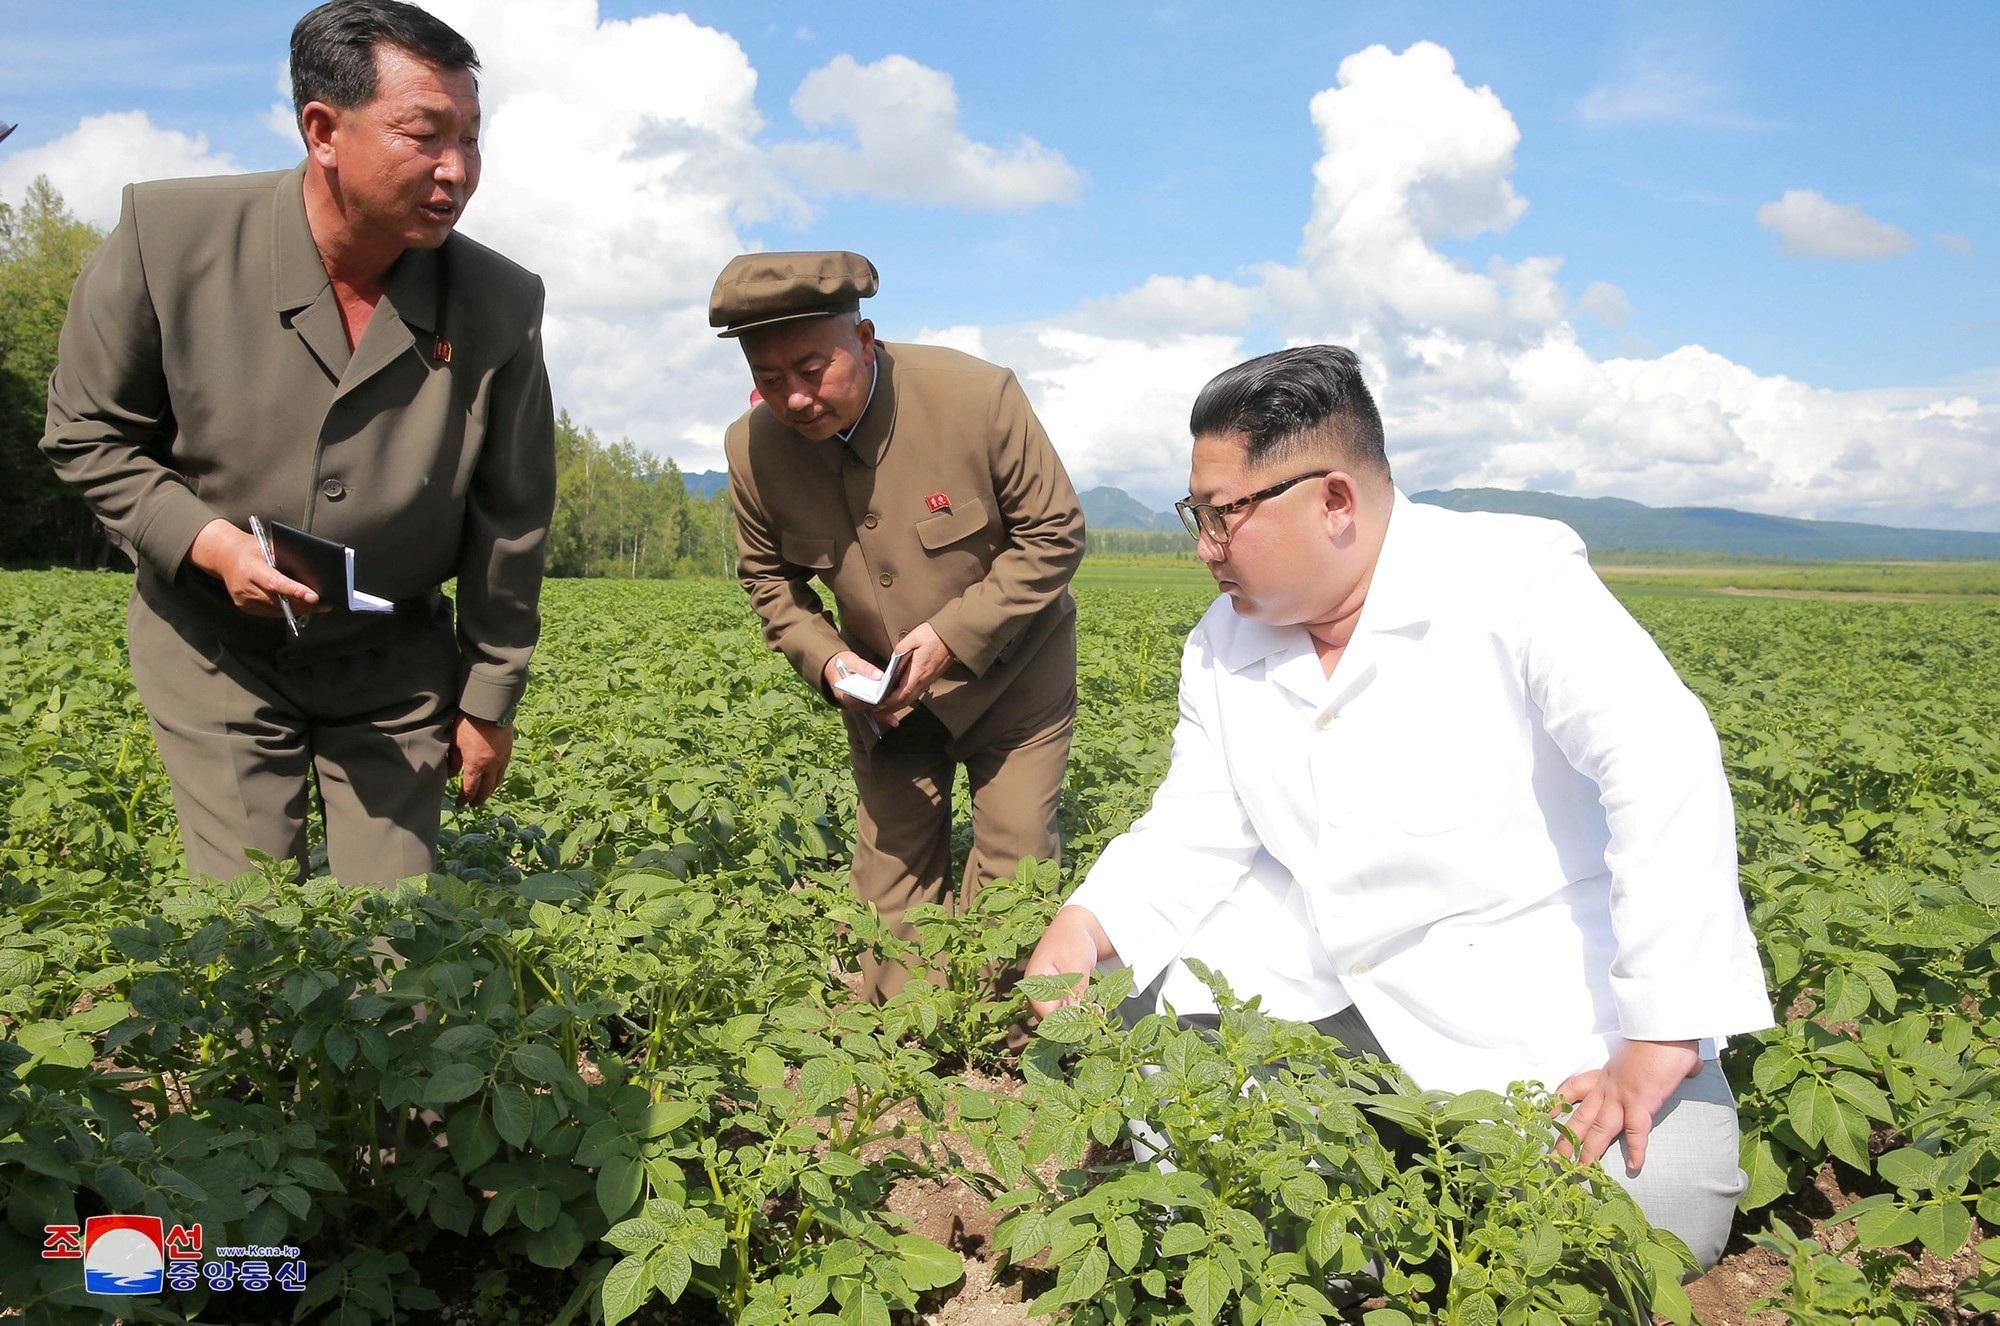 Nhà lãnh đạo Triều Tiên trực tiếp chỉ đạo công việc tại một nông trại.